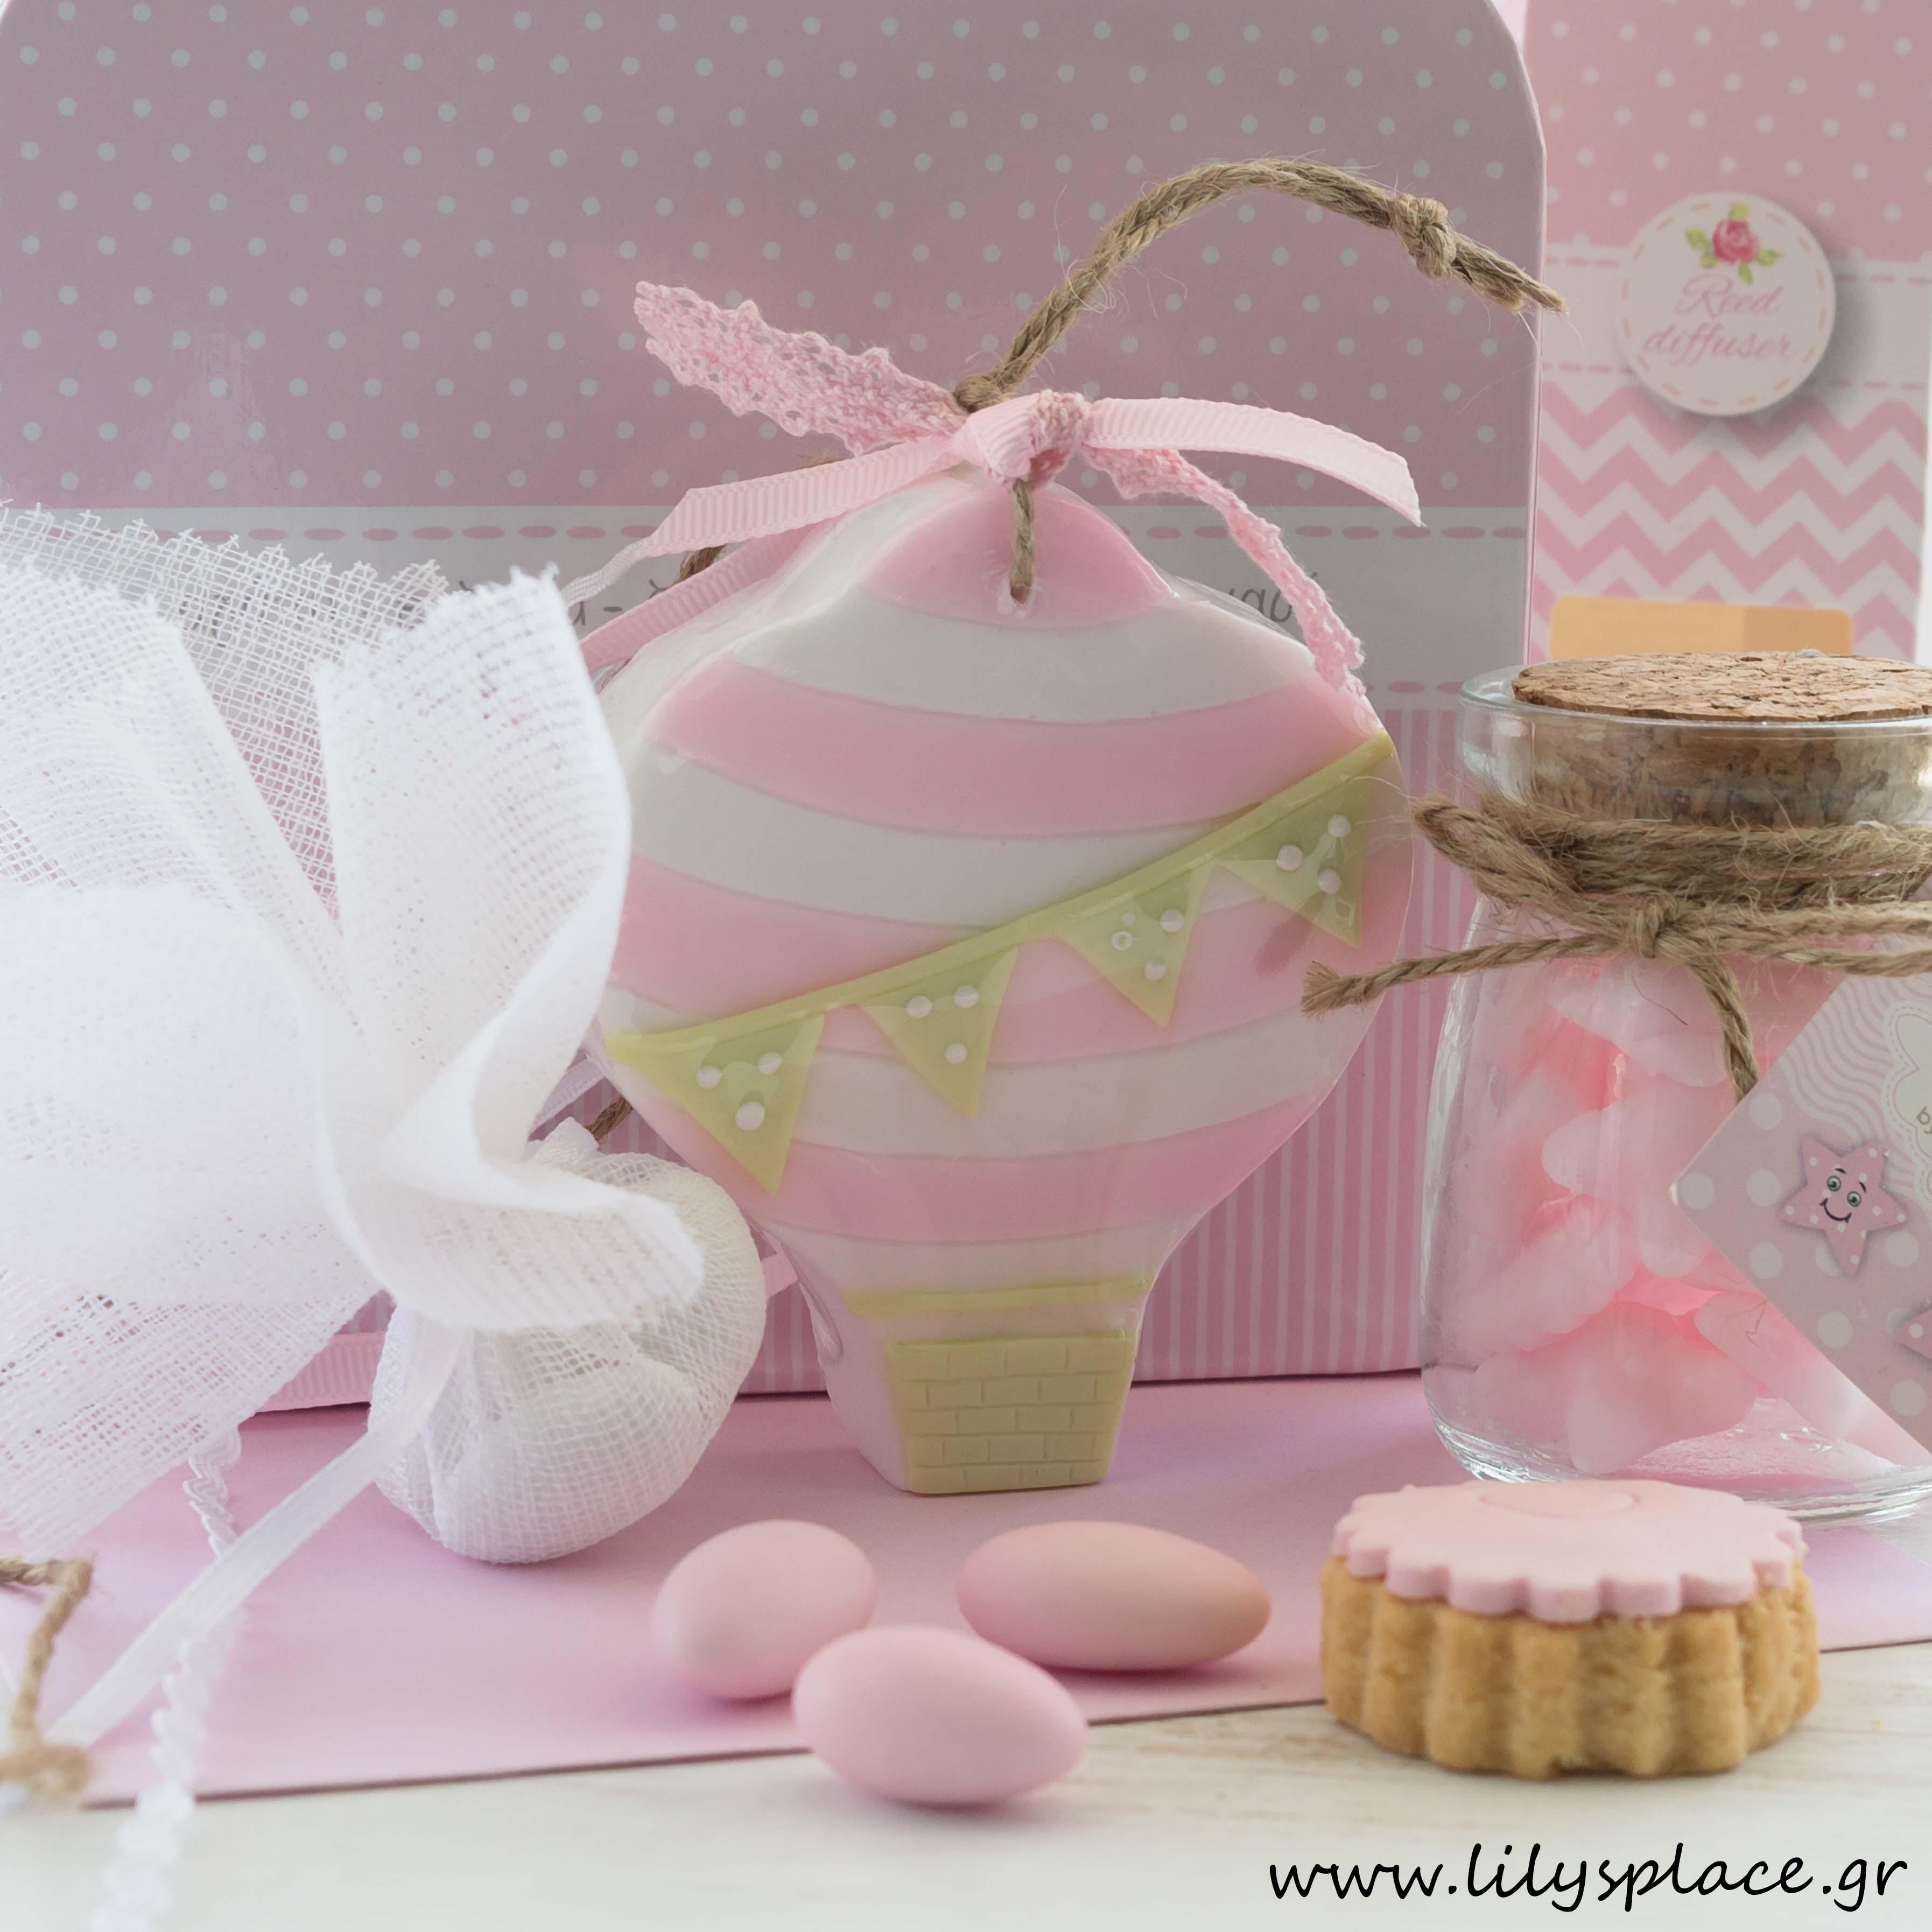 Μπομπονιέρα βάπτισης σαπουνάκι αερόστατο ροζ